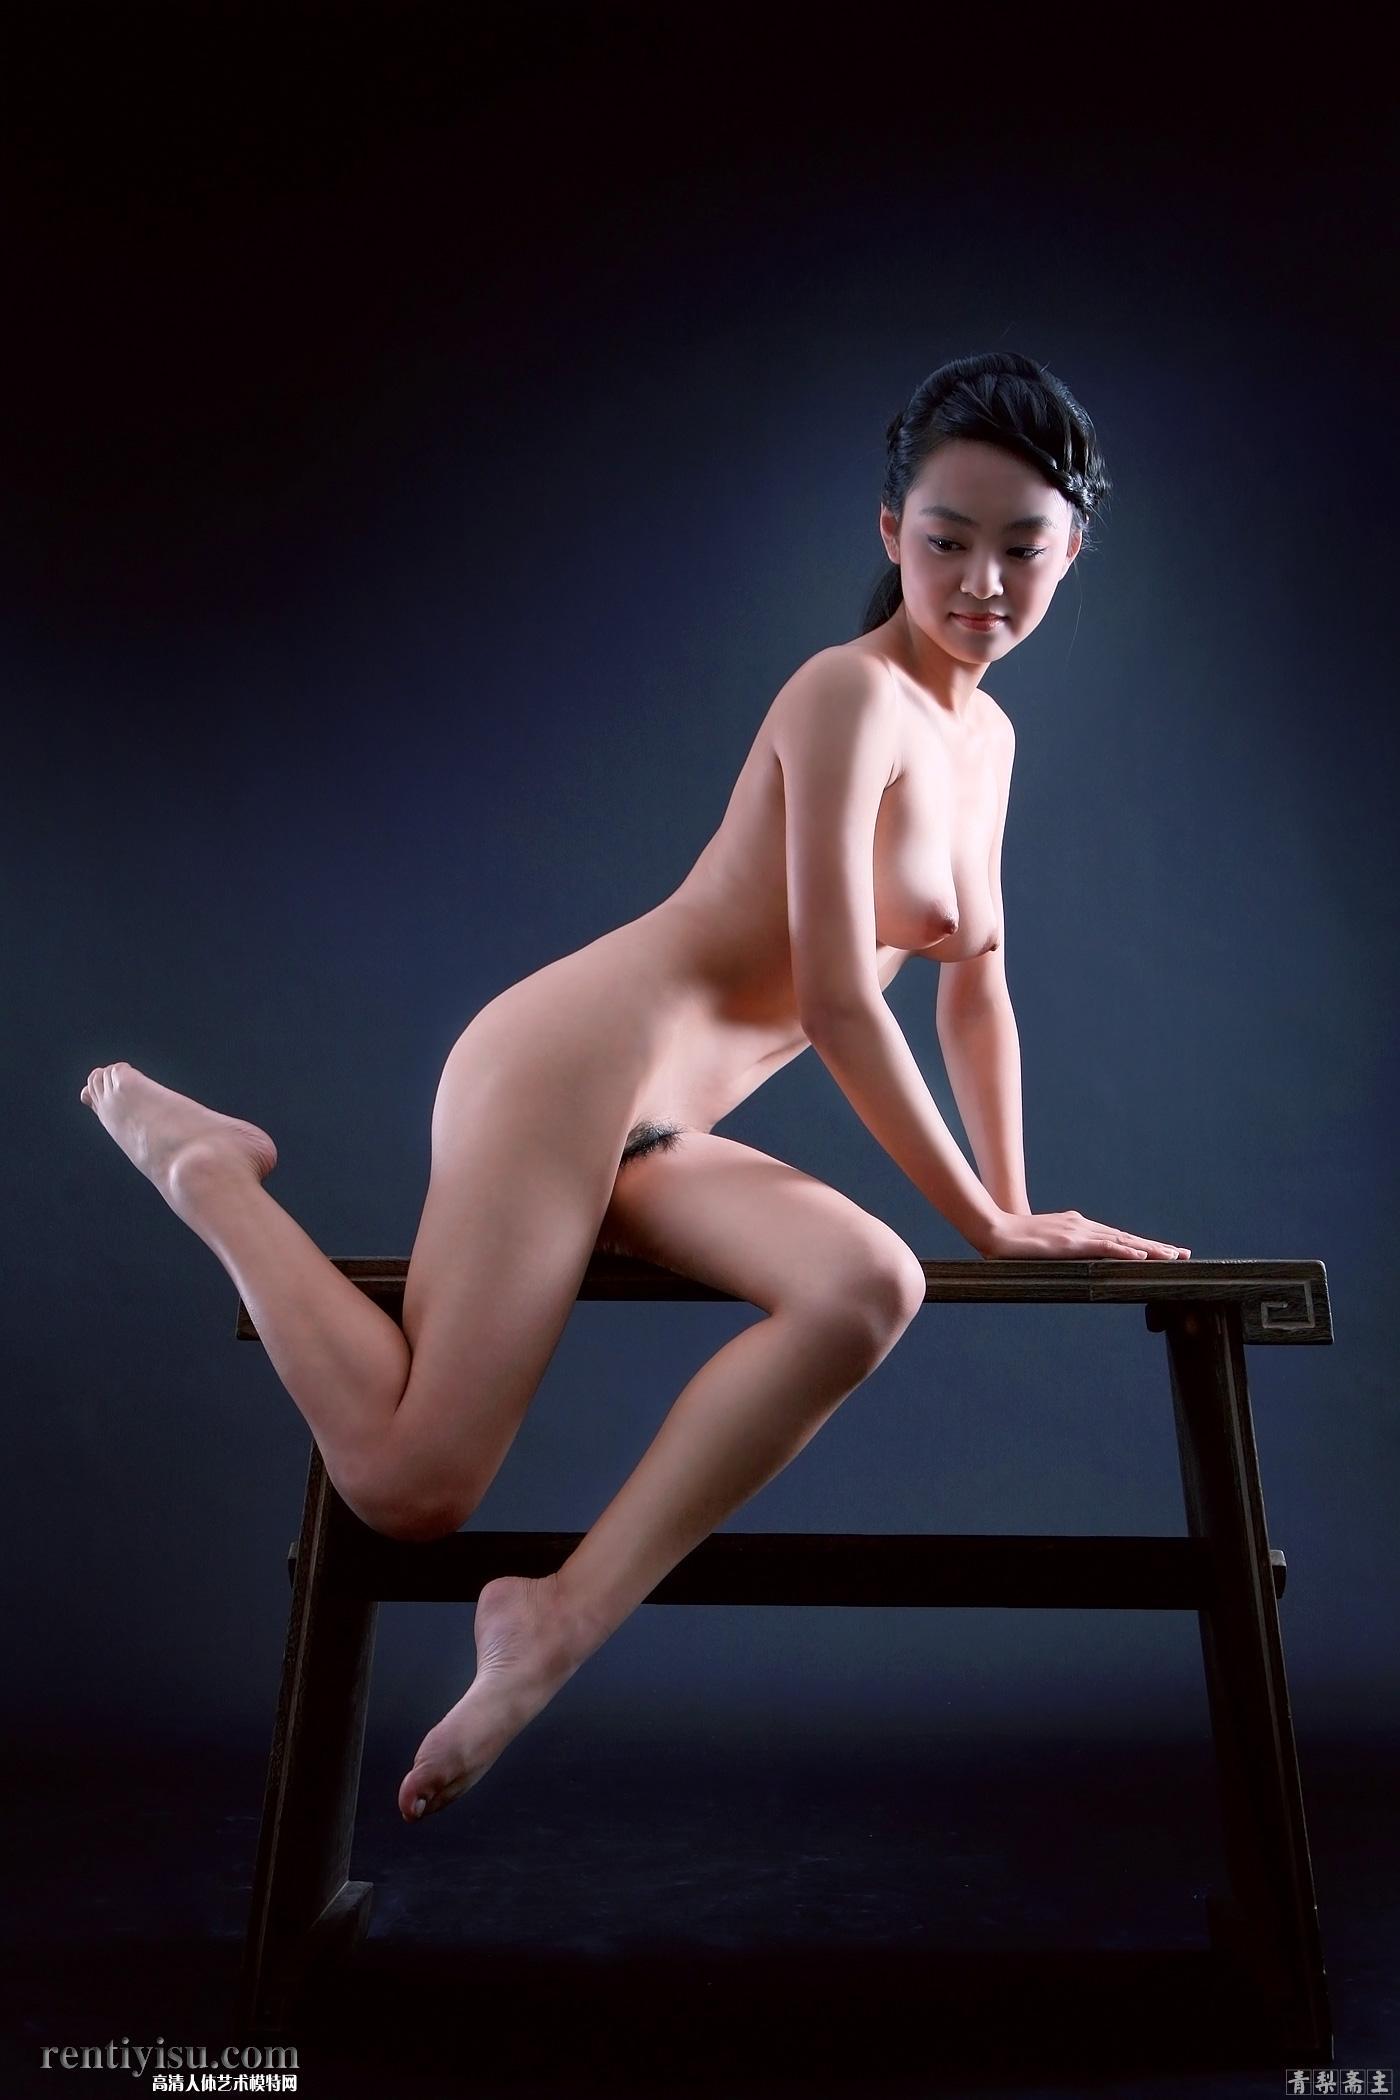 【おっぱい】中国人のヌード画像を妄想するとスレンダー系のお姉さんを想像するアル!【38枚】 16